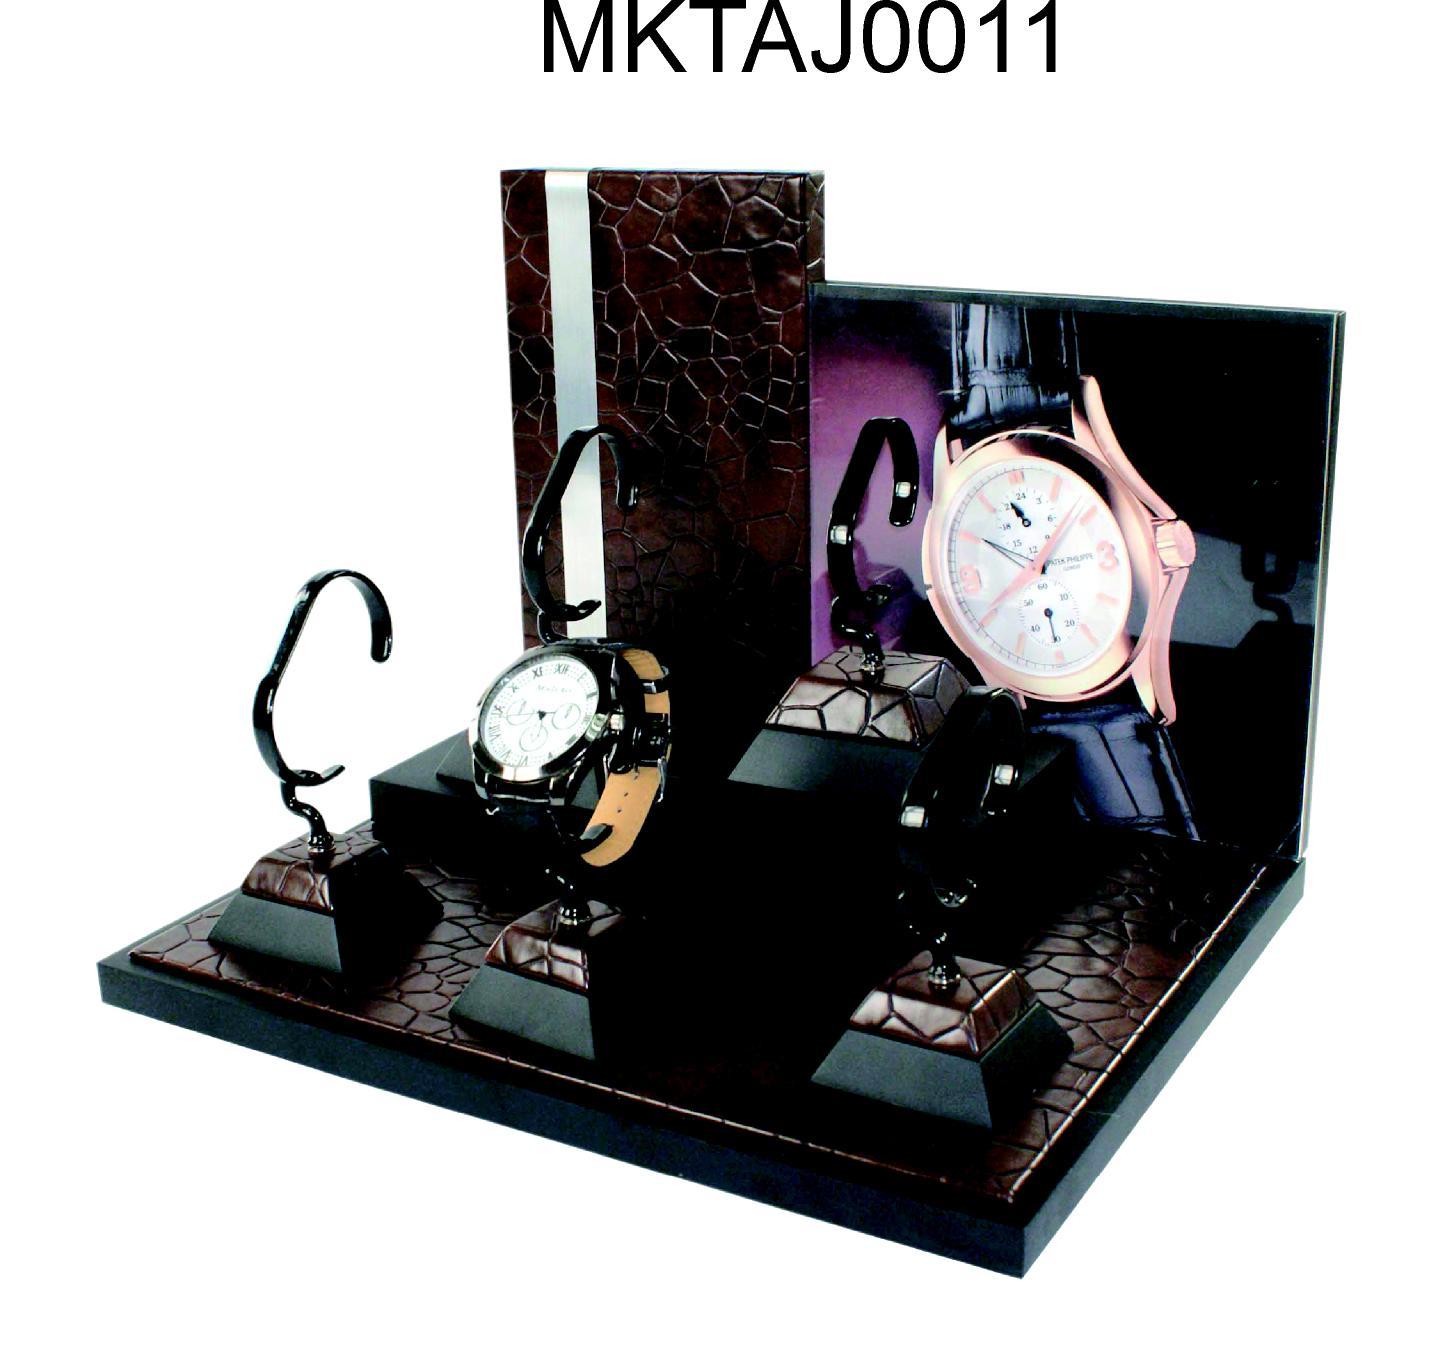 钟表系列展示道具2